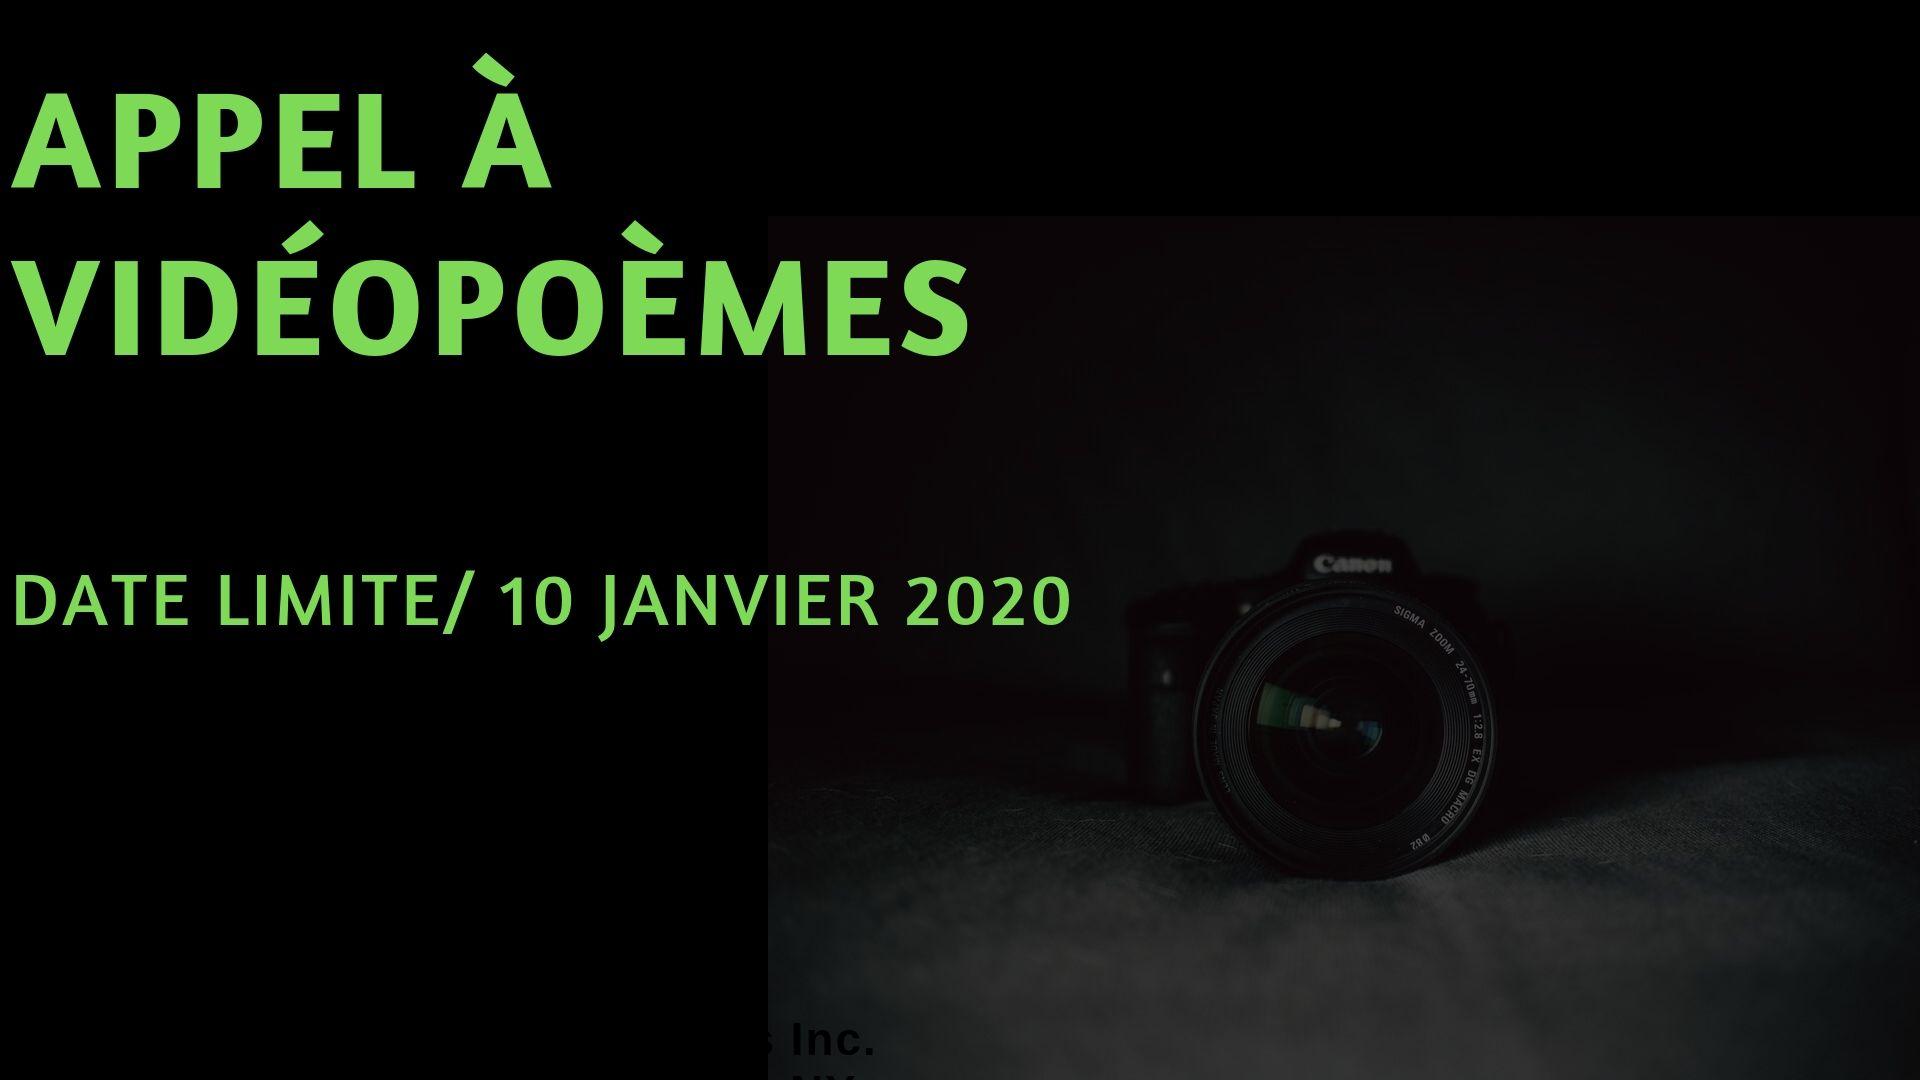 Appel à vidéopoèmes 2020